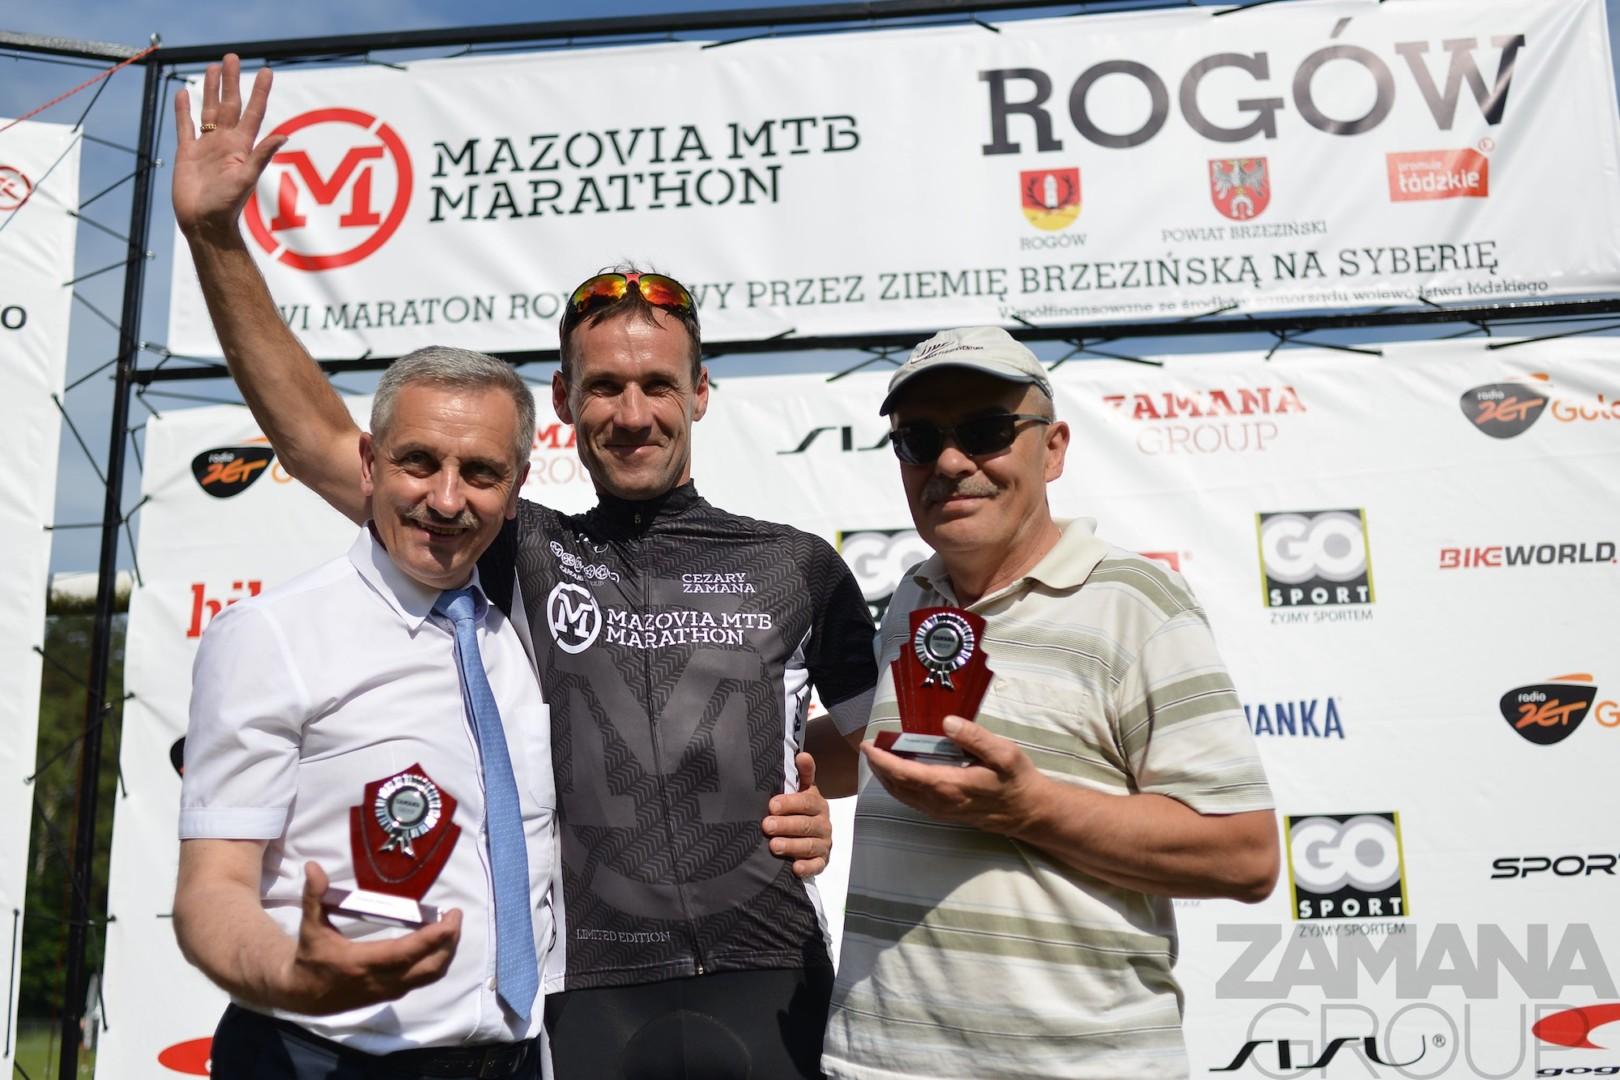 Udany maraton w Rogowie